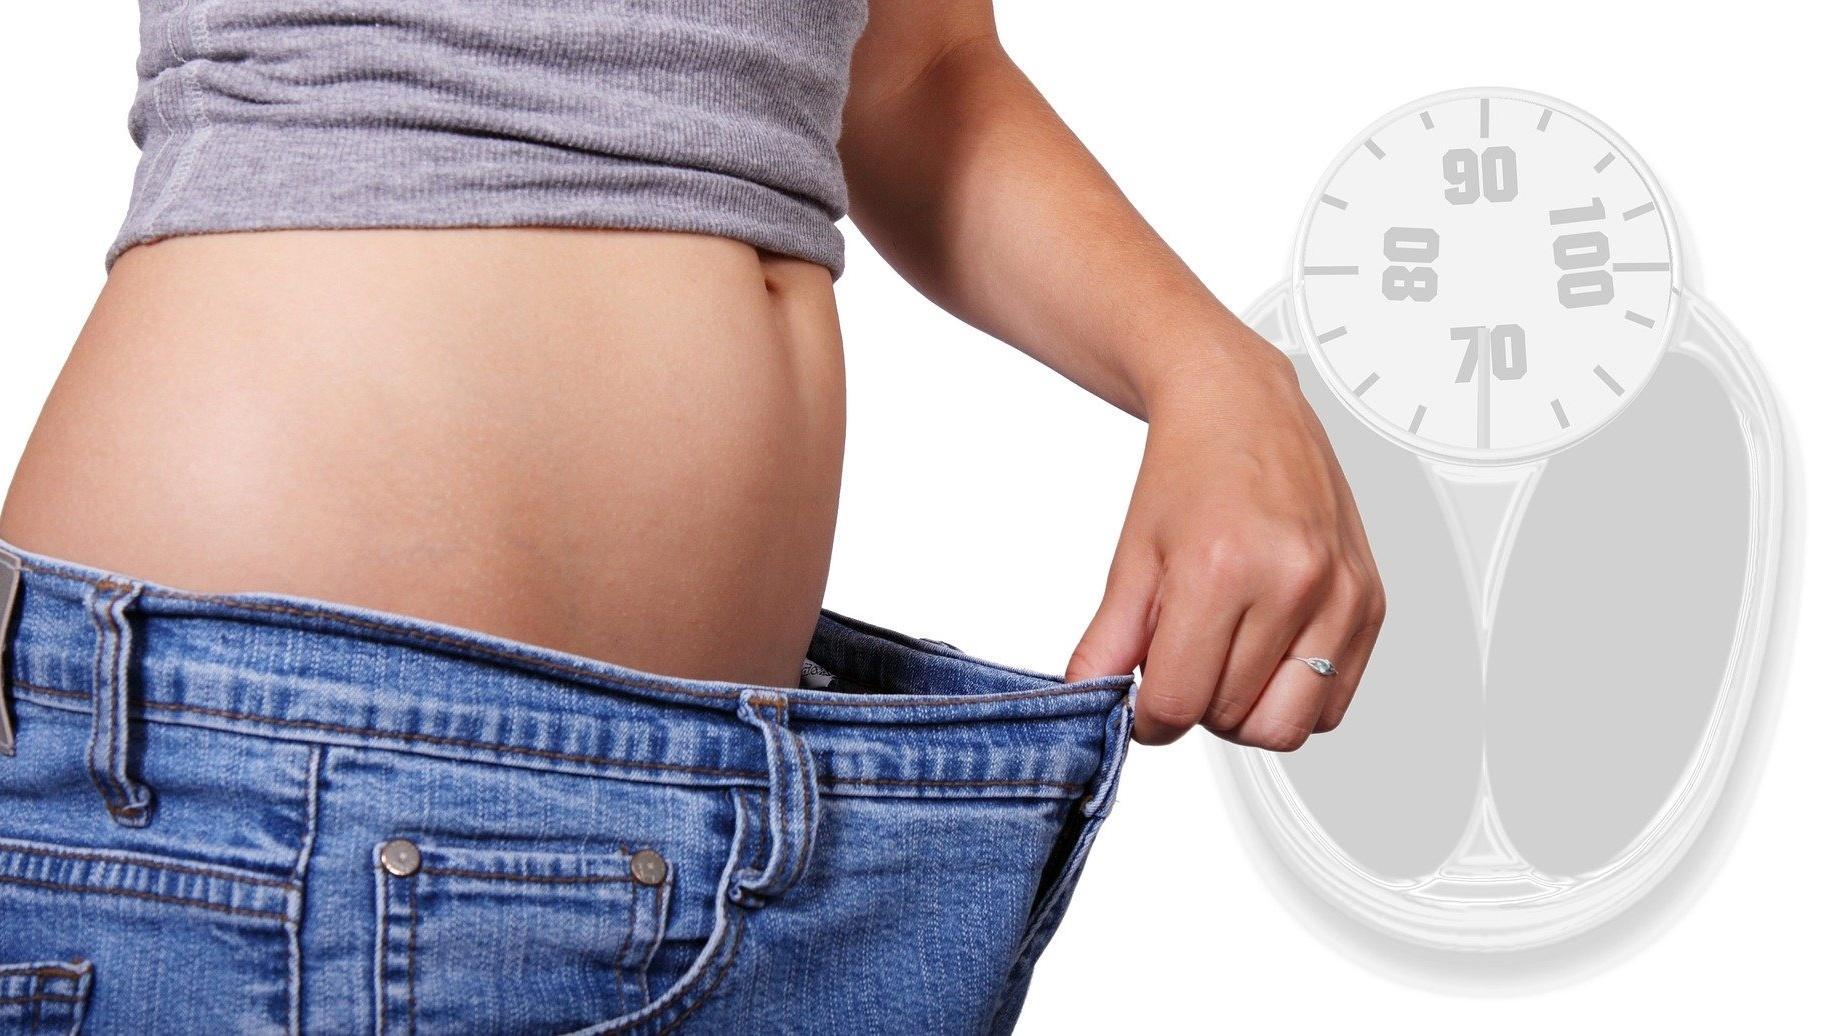 Konsumieren Sie nie wieder Alkohol, purzeln die Pfunde und Ihre Gesundheit wird stärker.